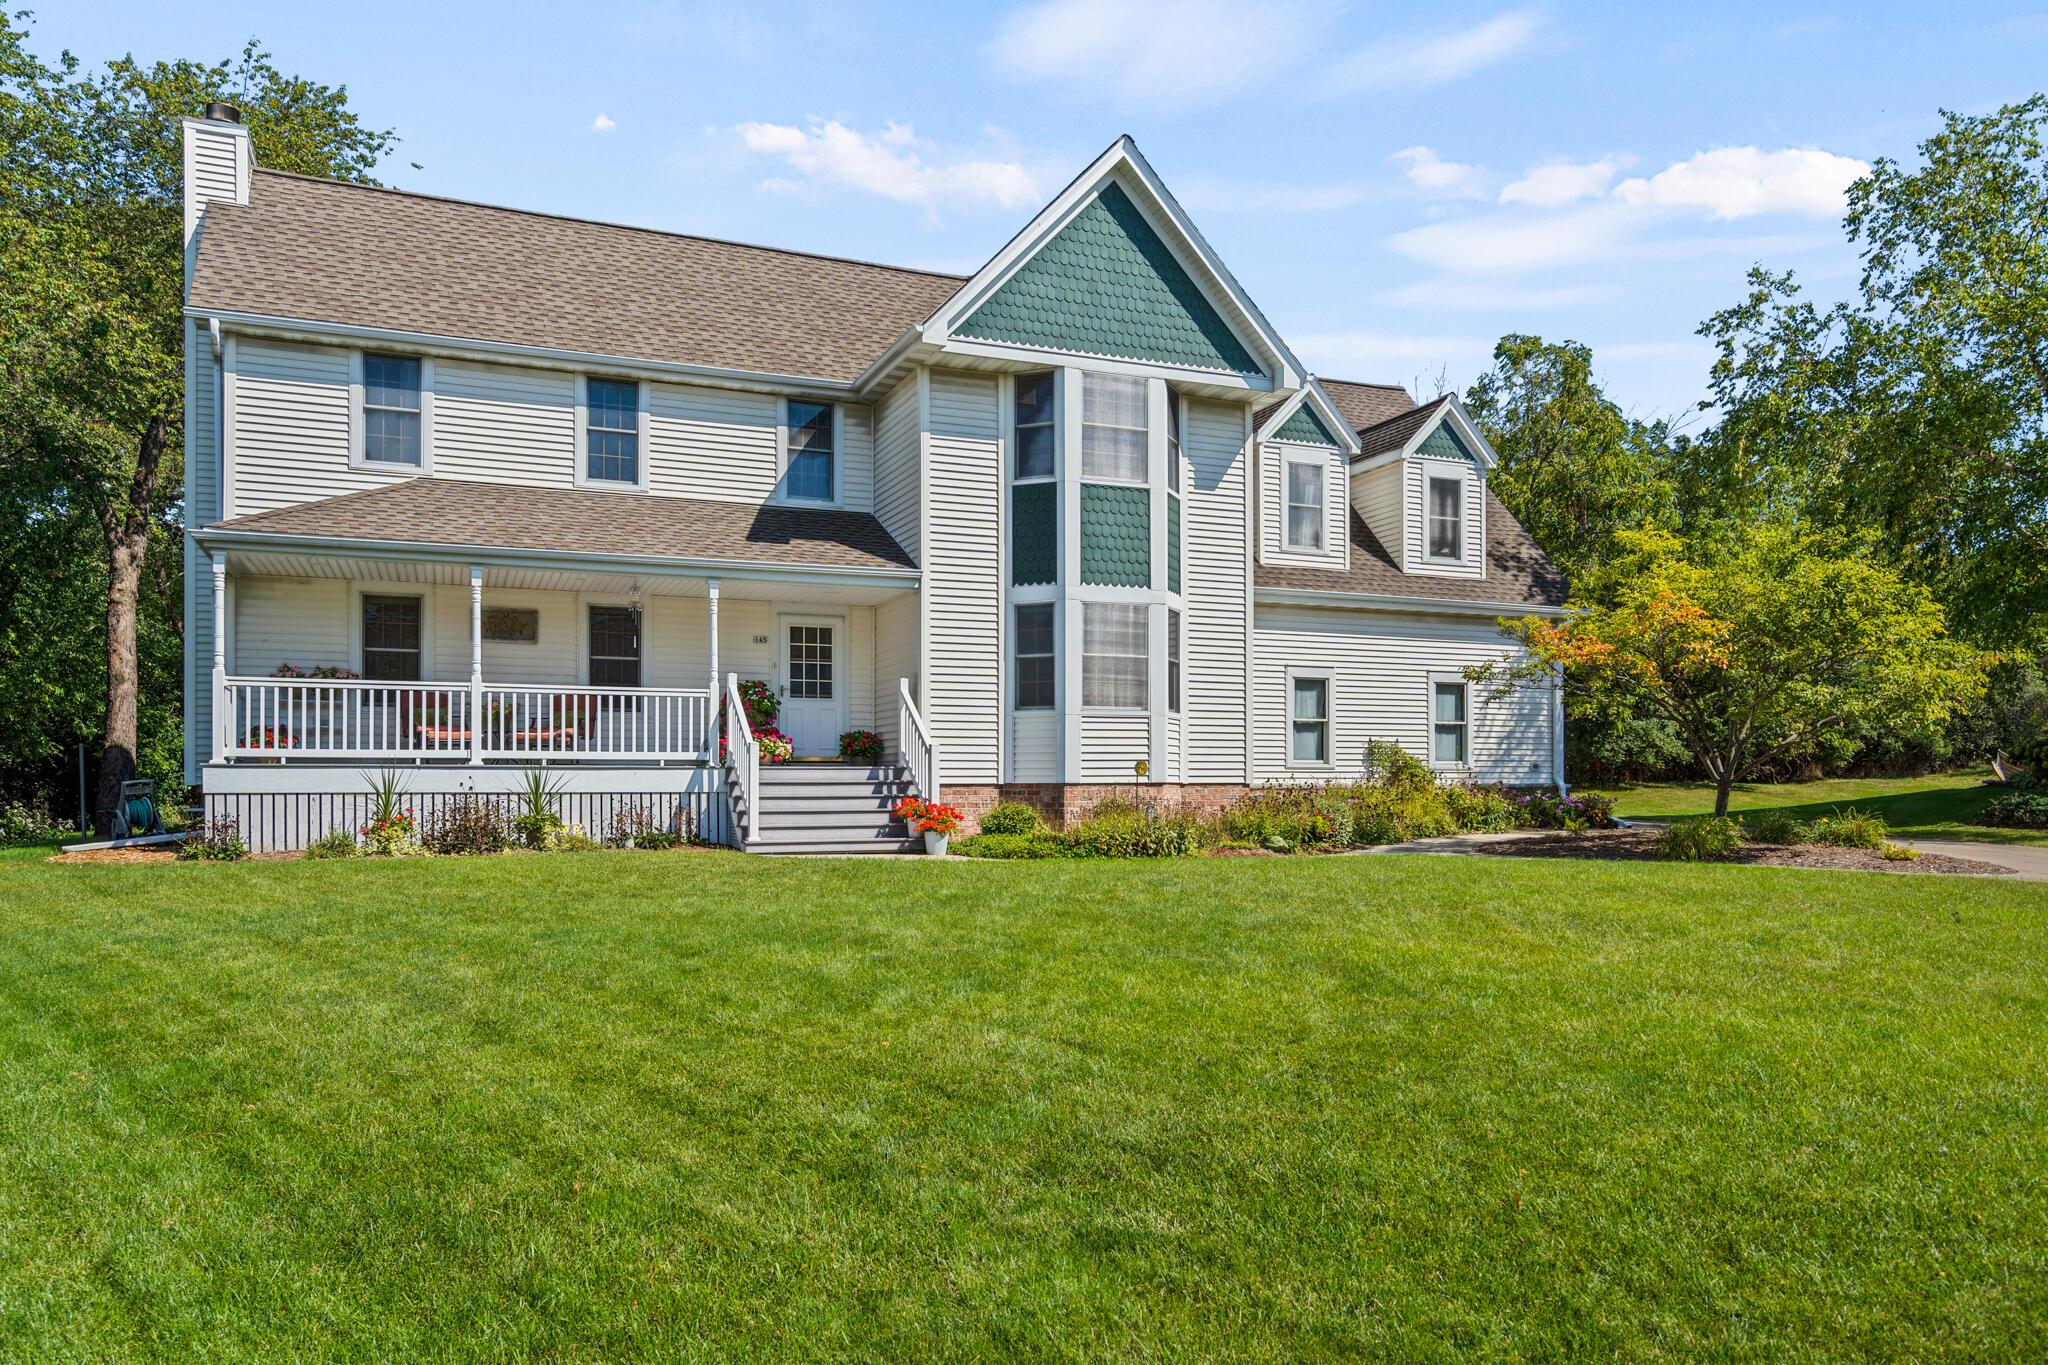 145 Woodlands Ct, Hartland, Wisconsin 53029, 4 Bedrooms Bedrooms, 8 Rooms Rooms,3 BathroomsBathrooms,Single-Family,For Sale,Woodlands Ct,1763974